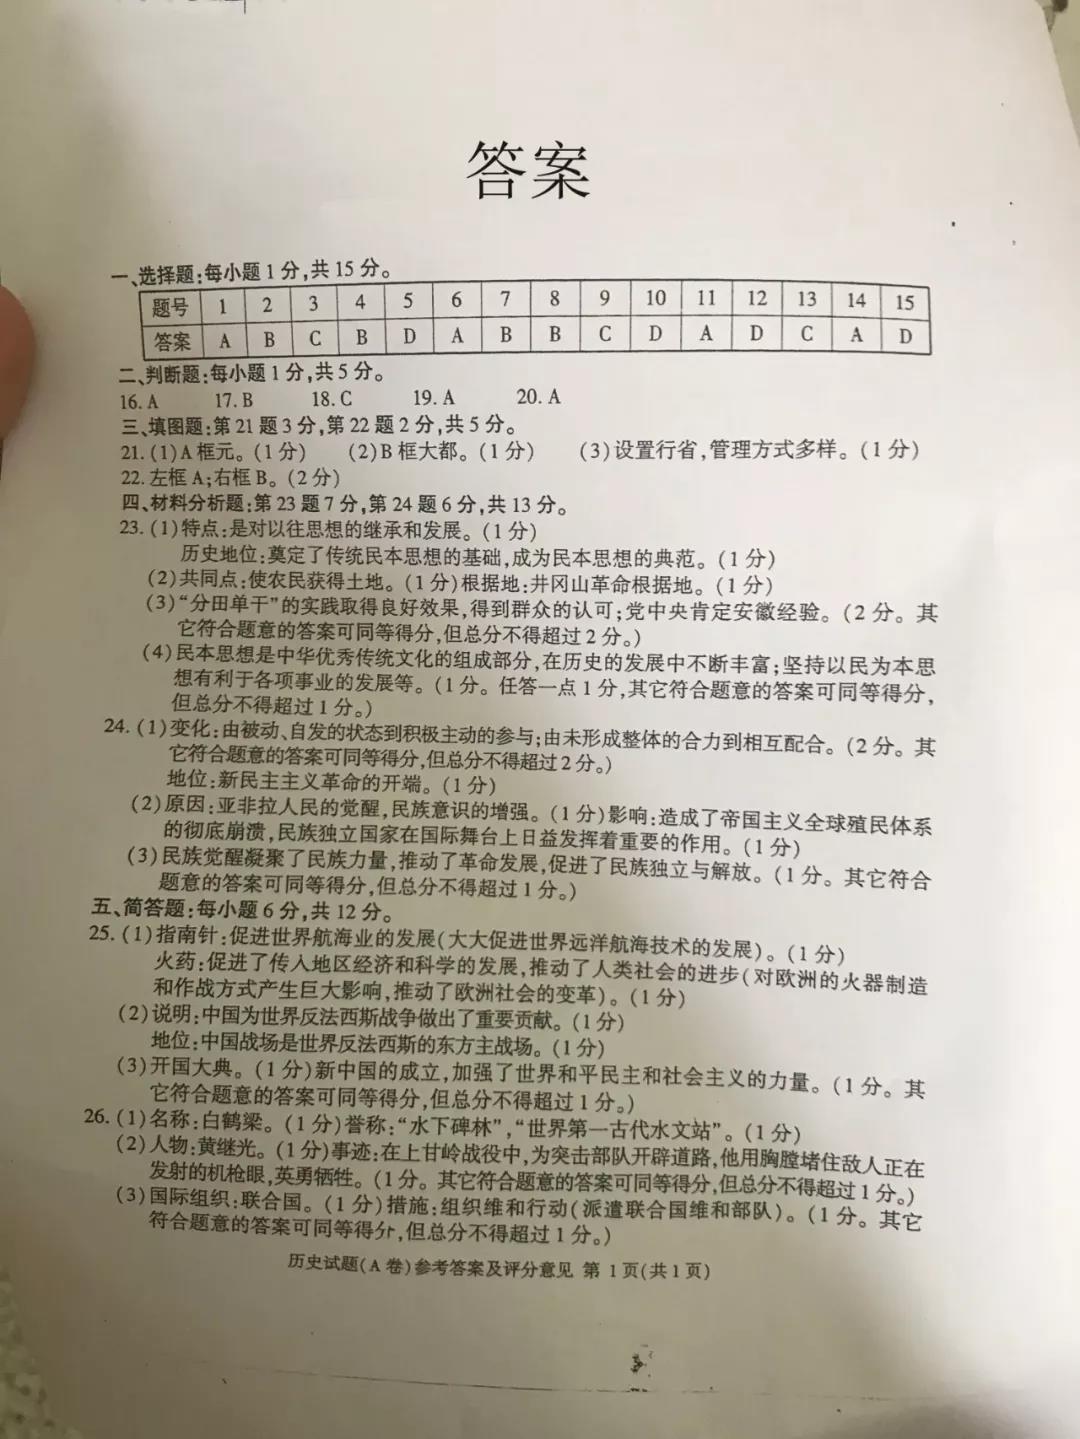 2019年重庆市中考历史A卷真题参考答案 下载版